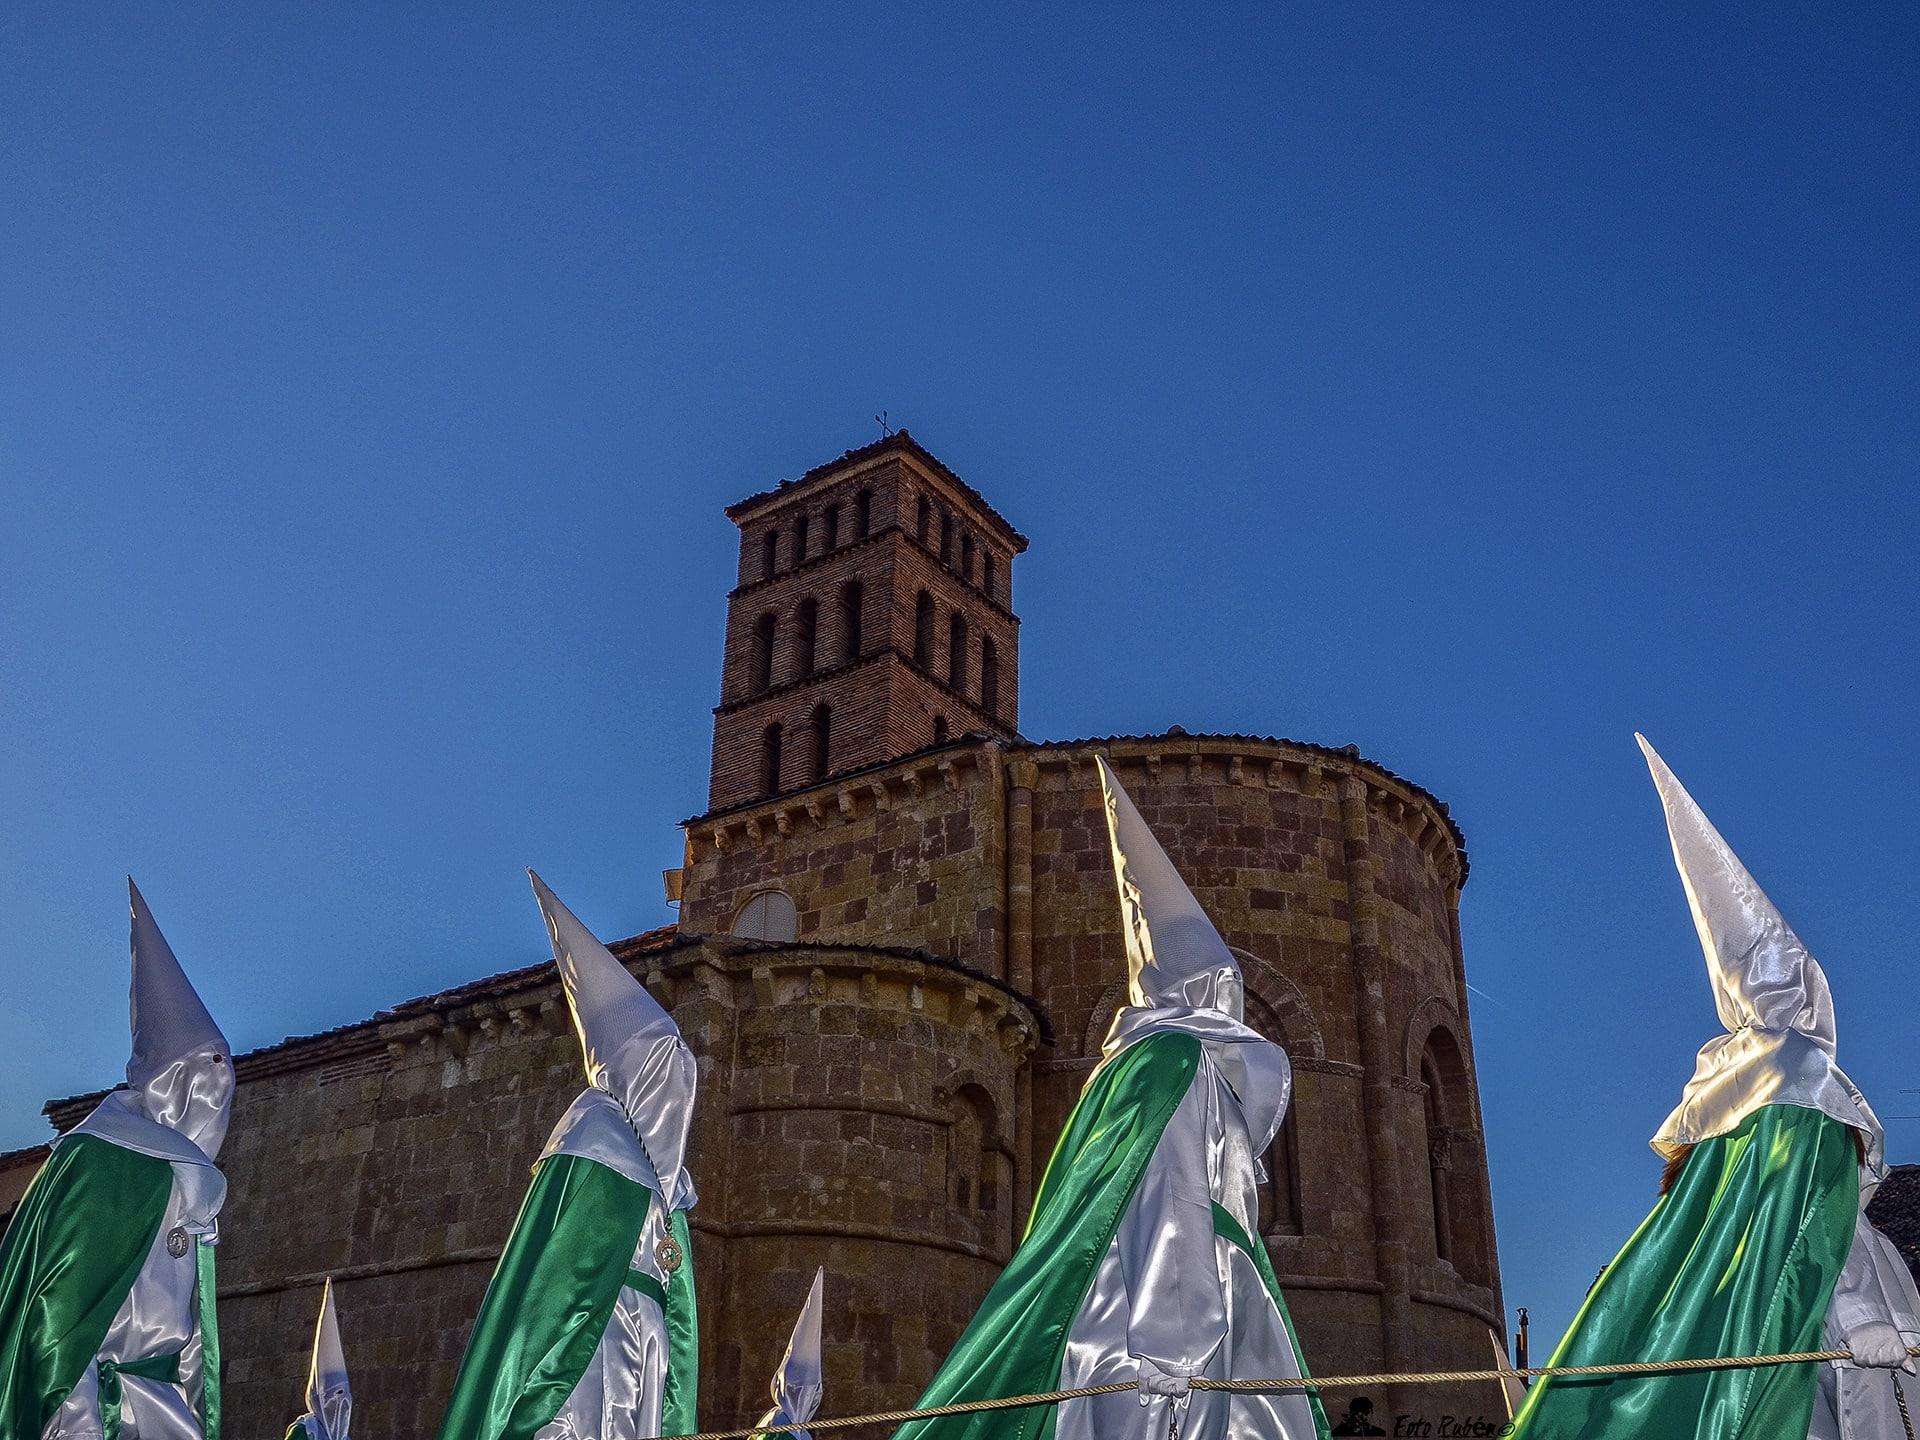 Procesión Penitencial del Paso de la Oración en el Huerto, Segovia 4